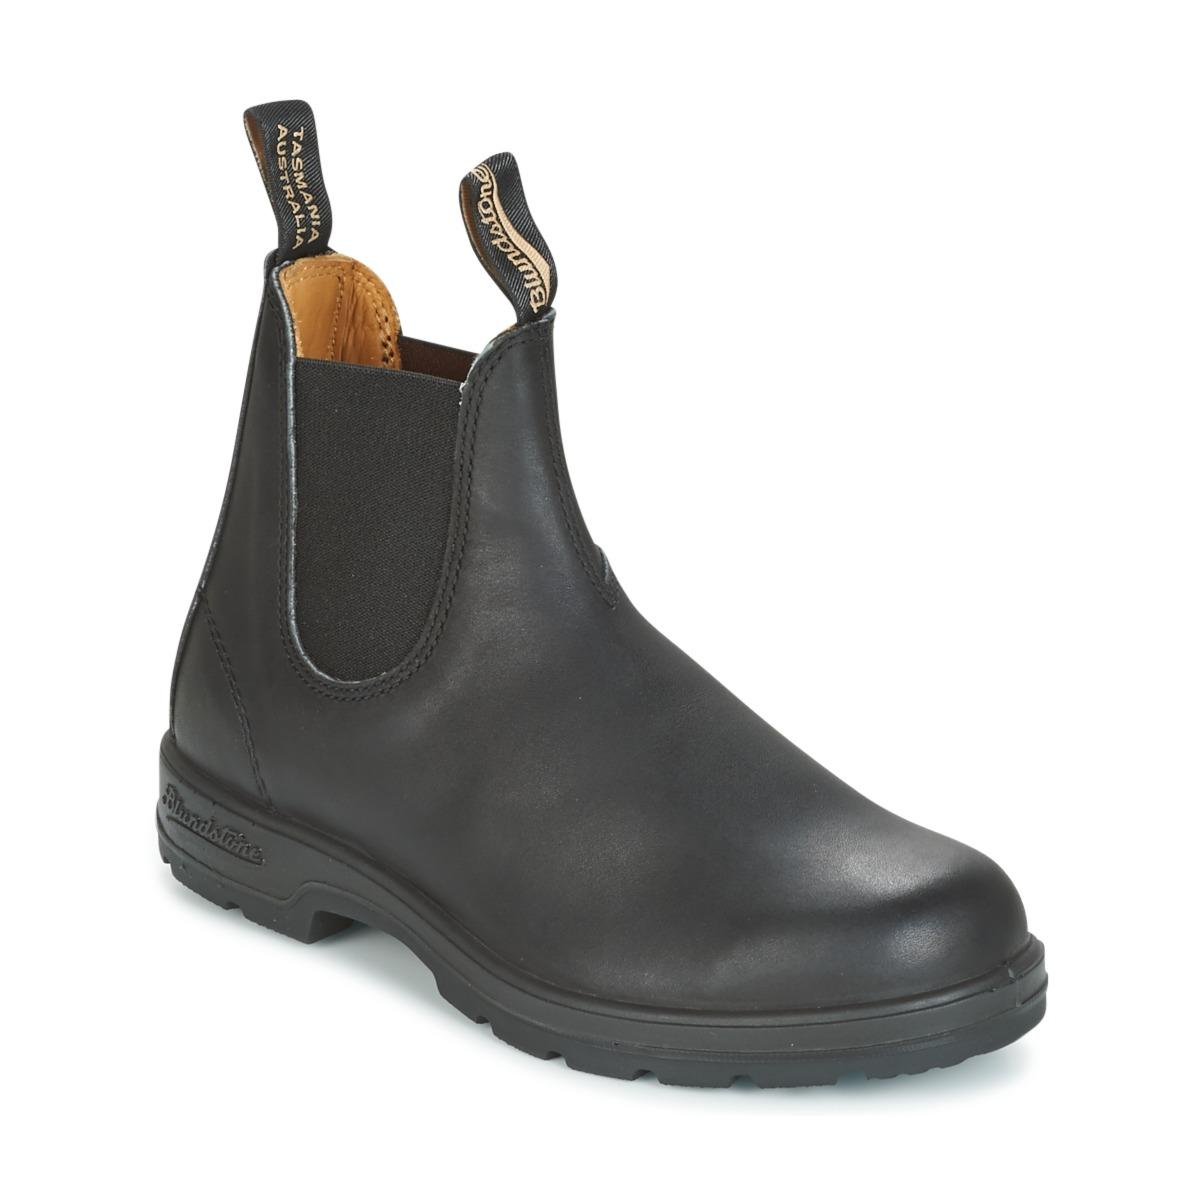 Blundstone COMFORT BOOT Schwarz - Kostenloser Versand bei Spartoode ! - Schuhe Boots  179,00 €